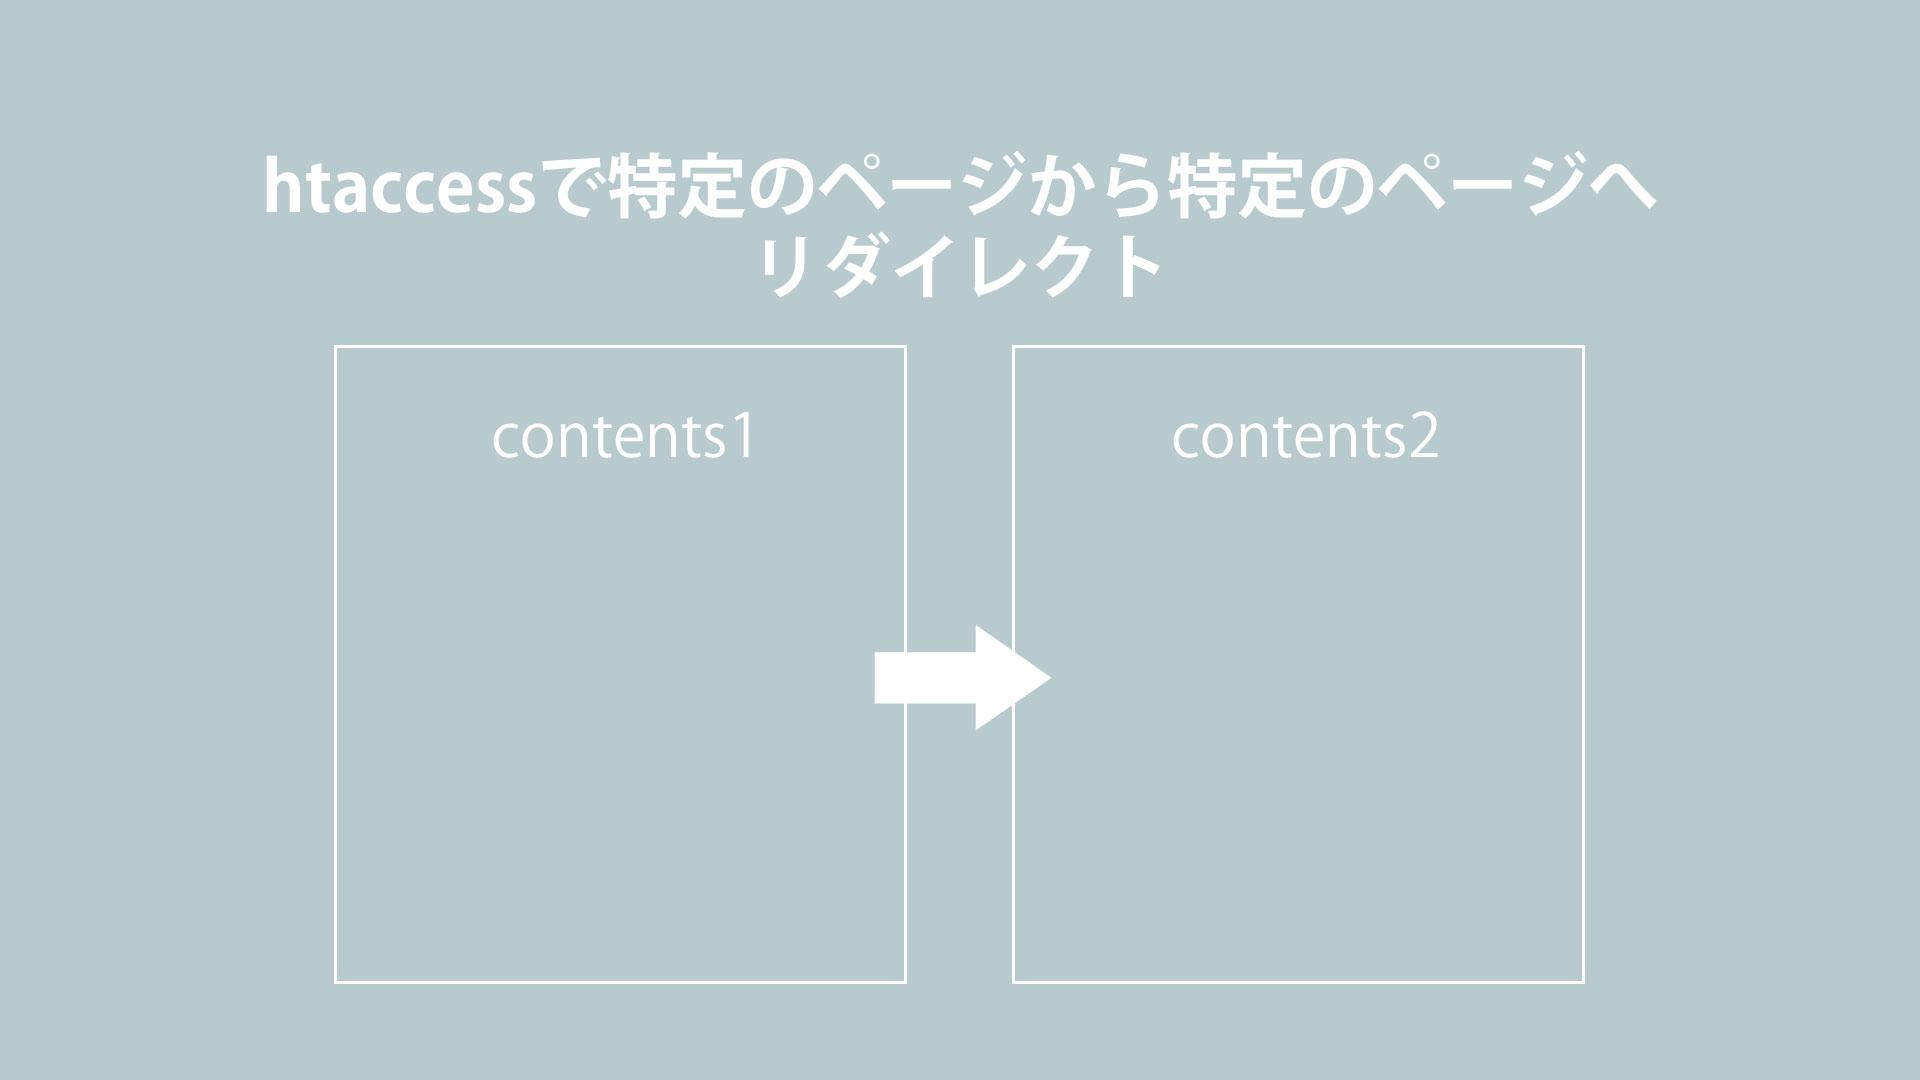 htaccessで特定のページから特定のページへリダイレクトする方法